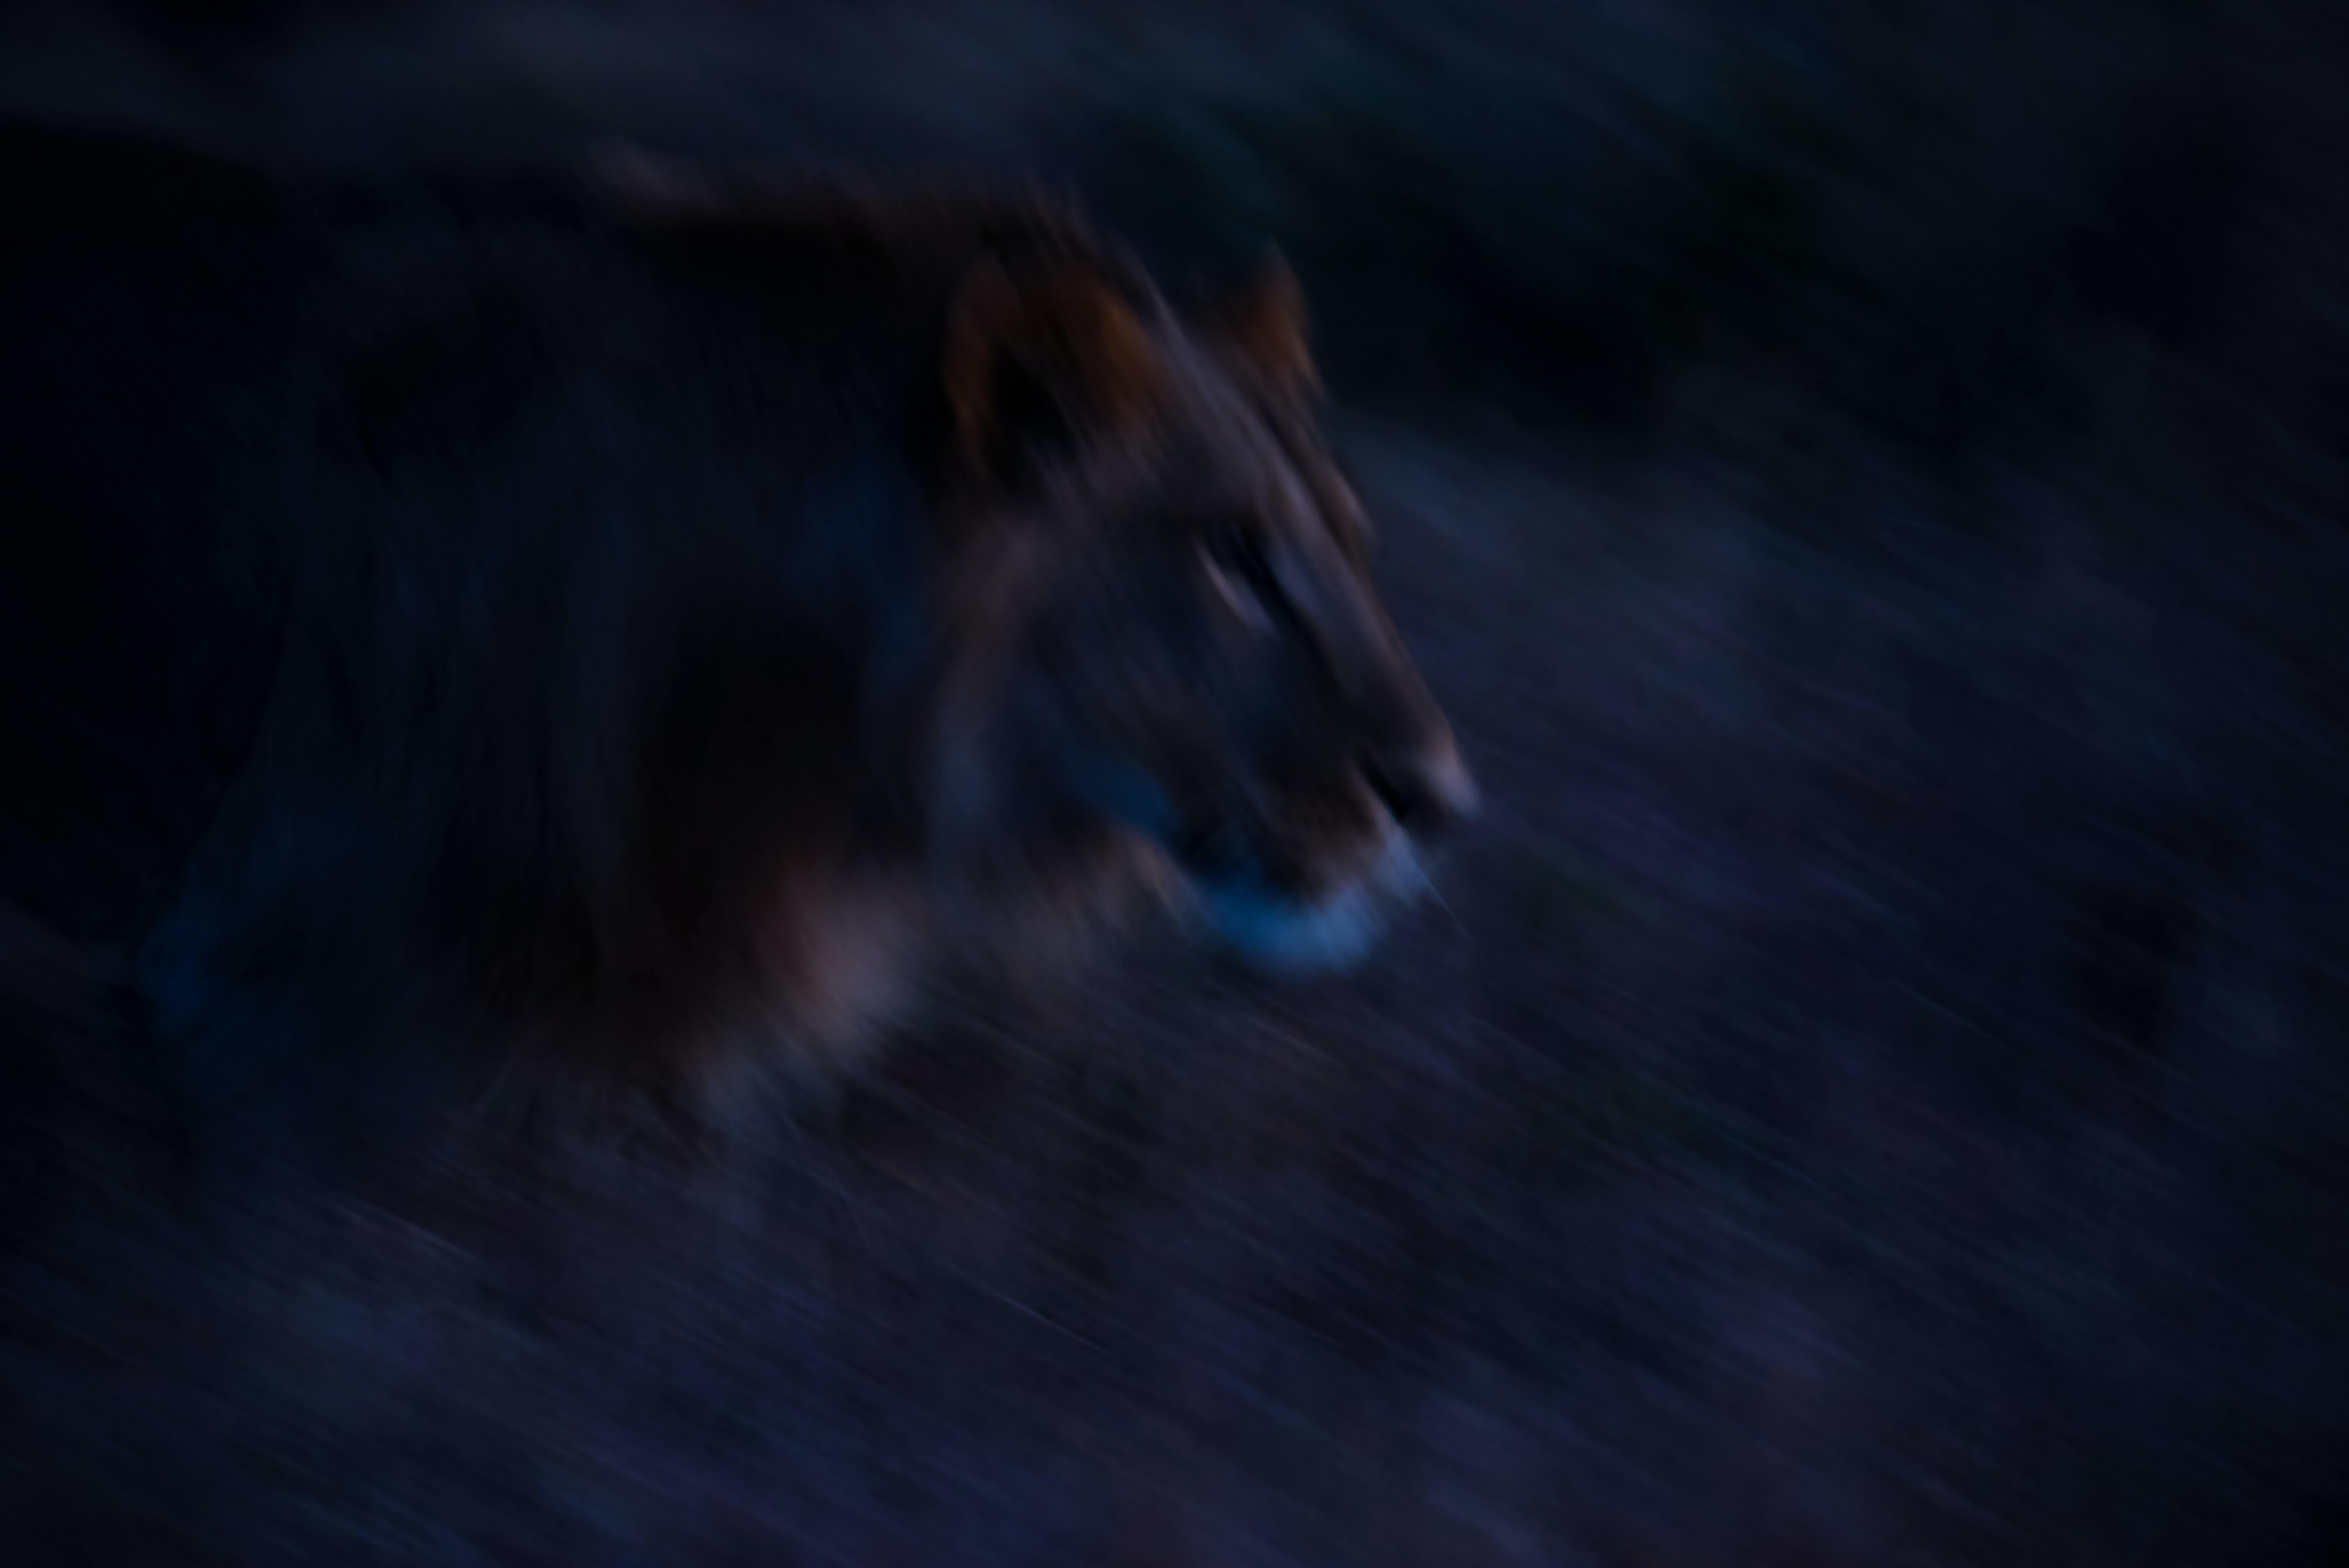 closeup photo of a lion